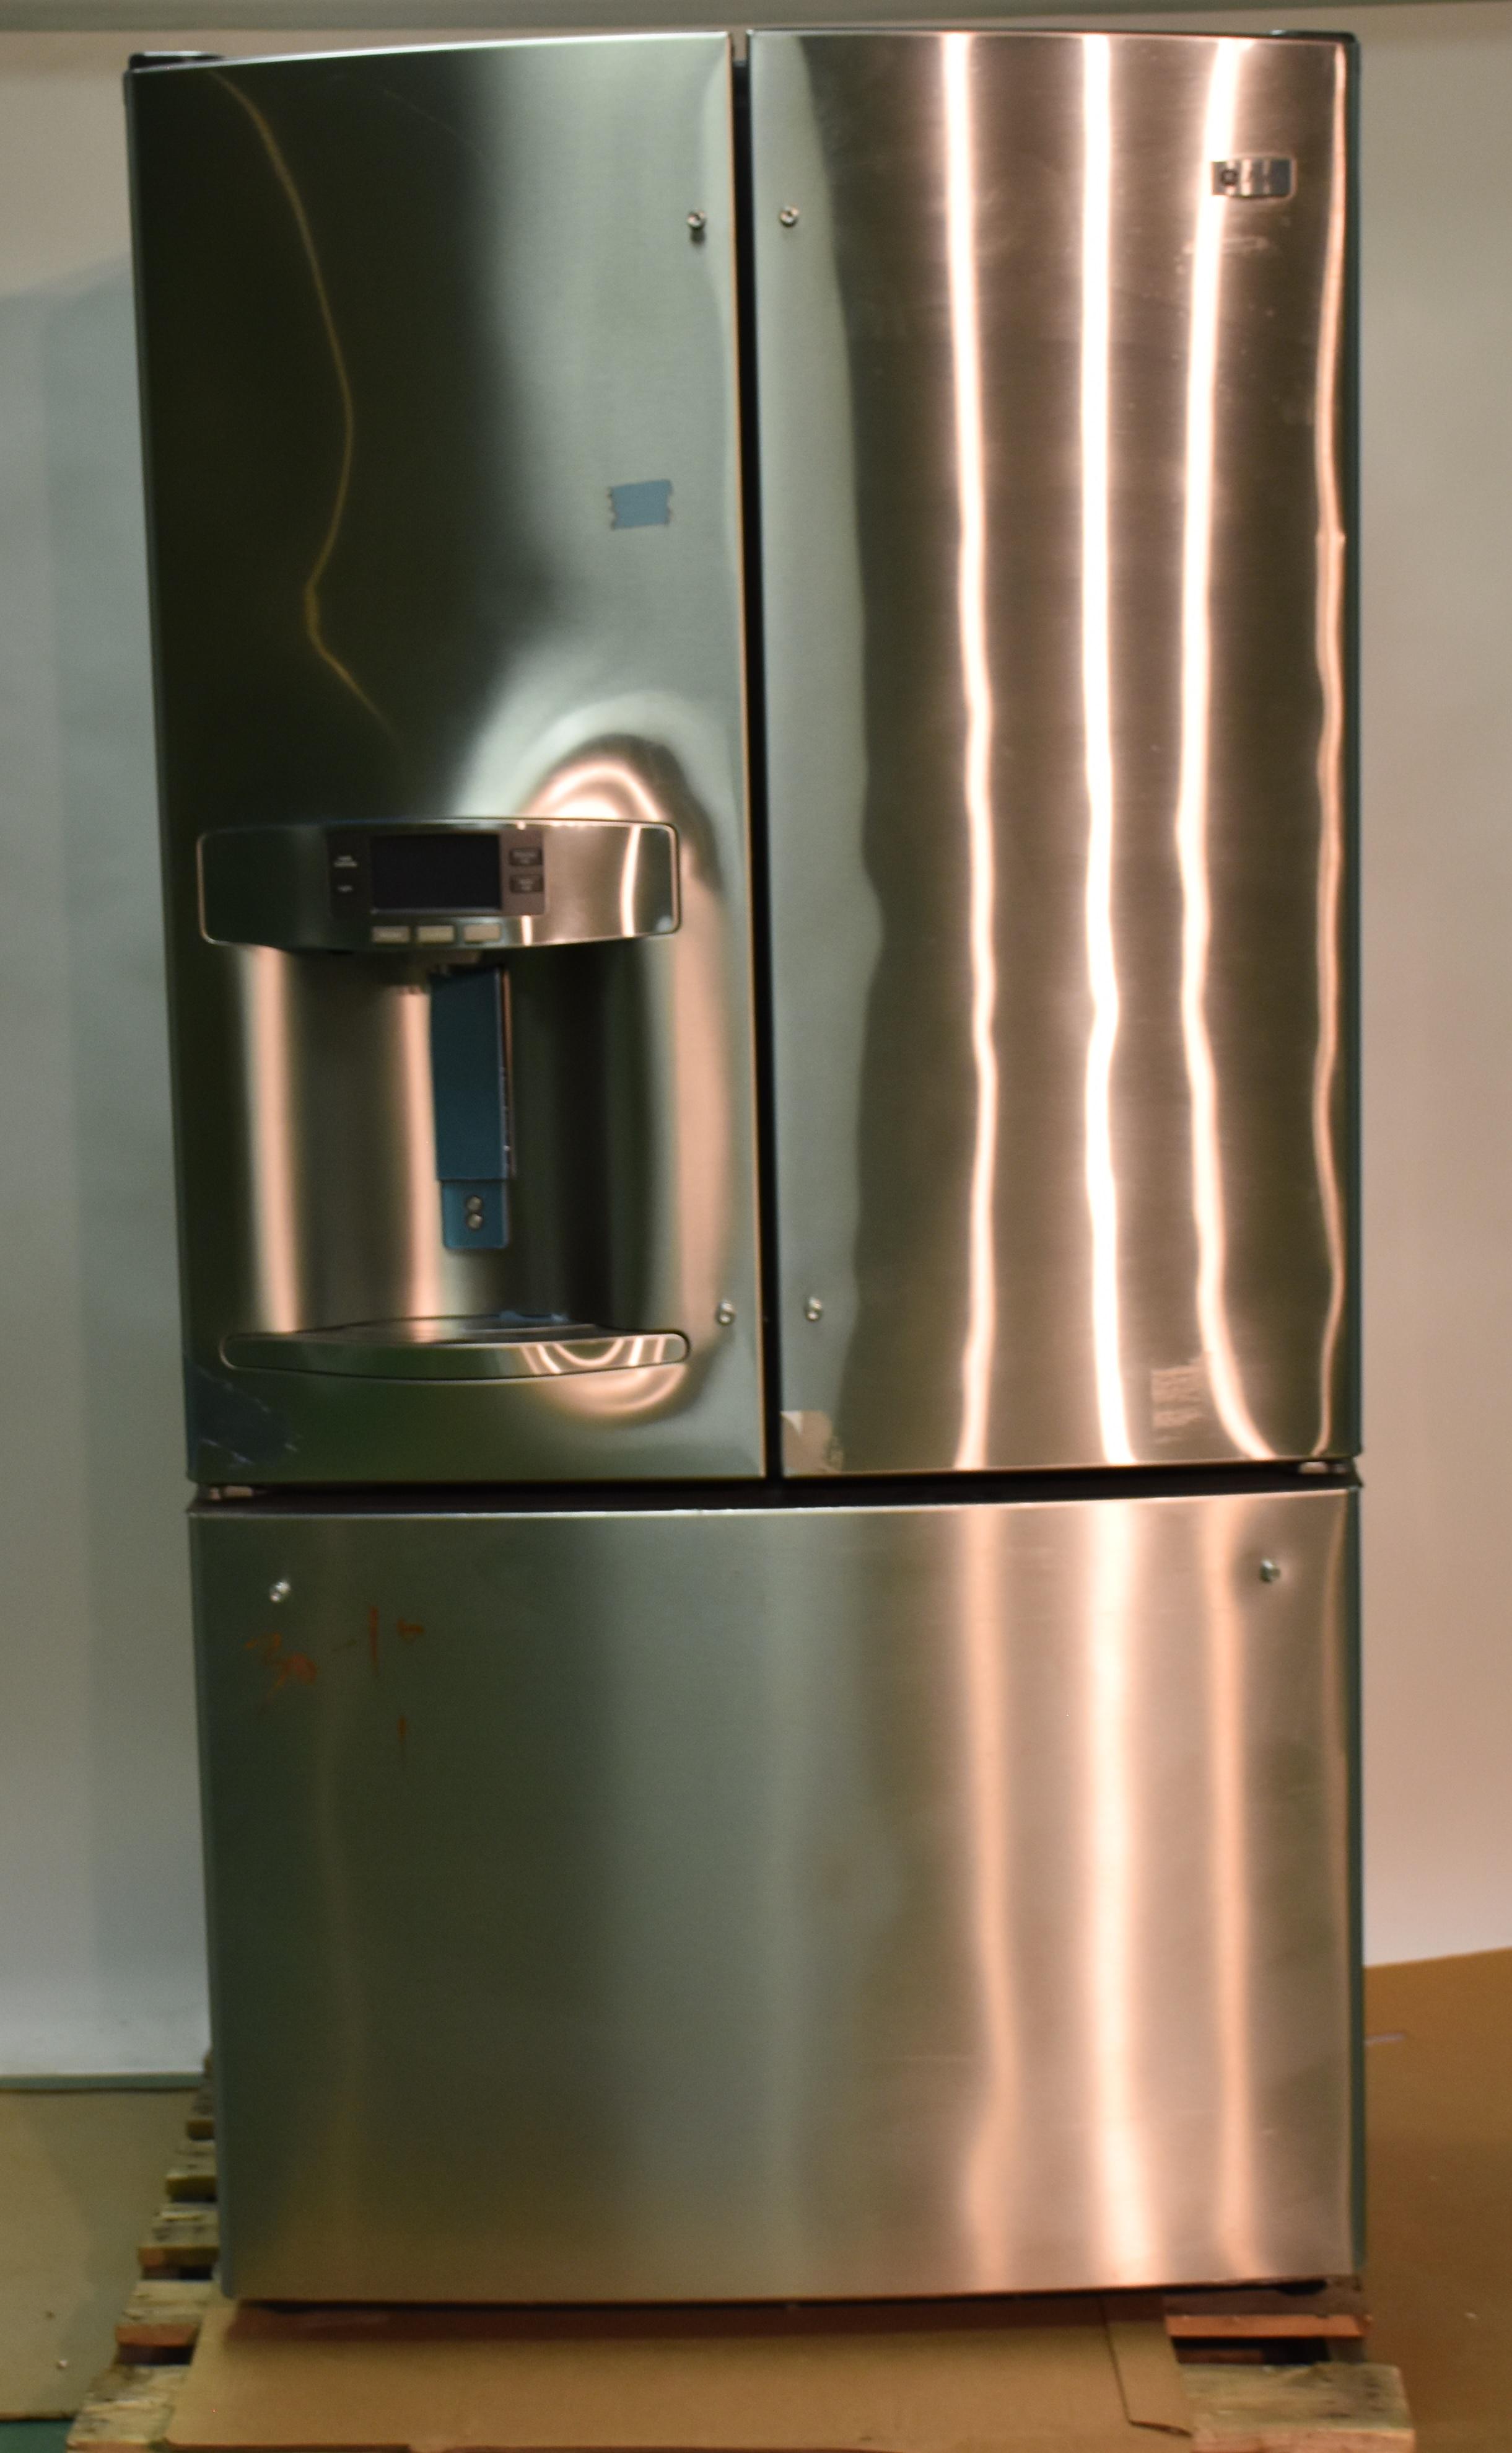 Ge French Door Refrigerator Pfe29psdss Ebay